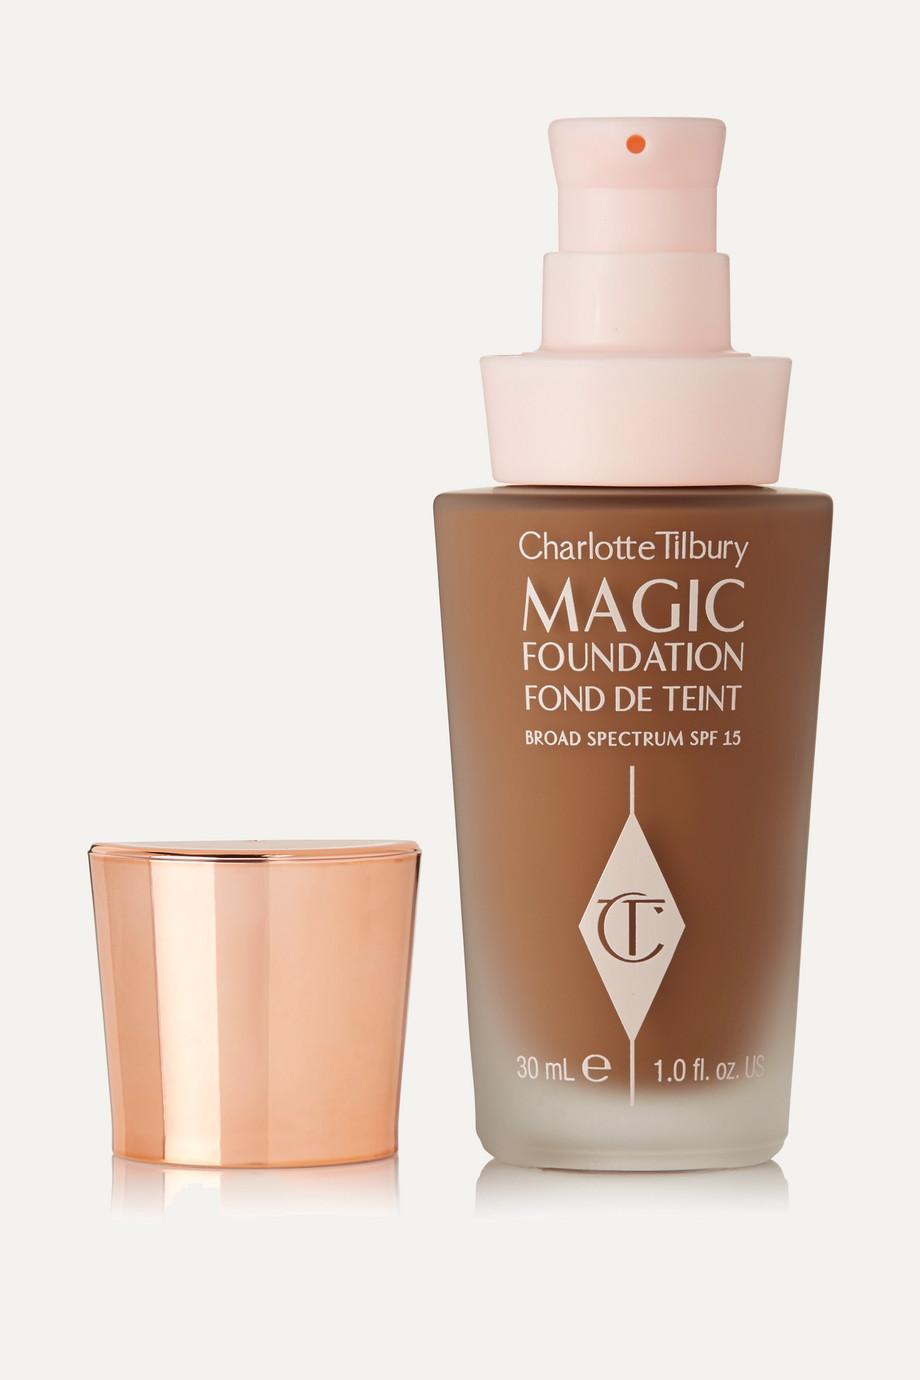 Charlotte Tilbury Fond de teint zéro défaut tenue longue durée Magic Foundation SPF 15, Nuance 11.5, 30 ml